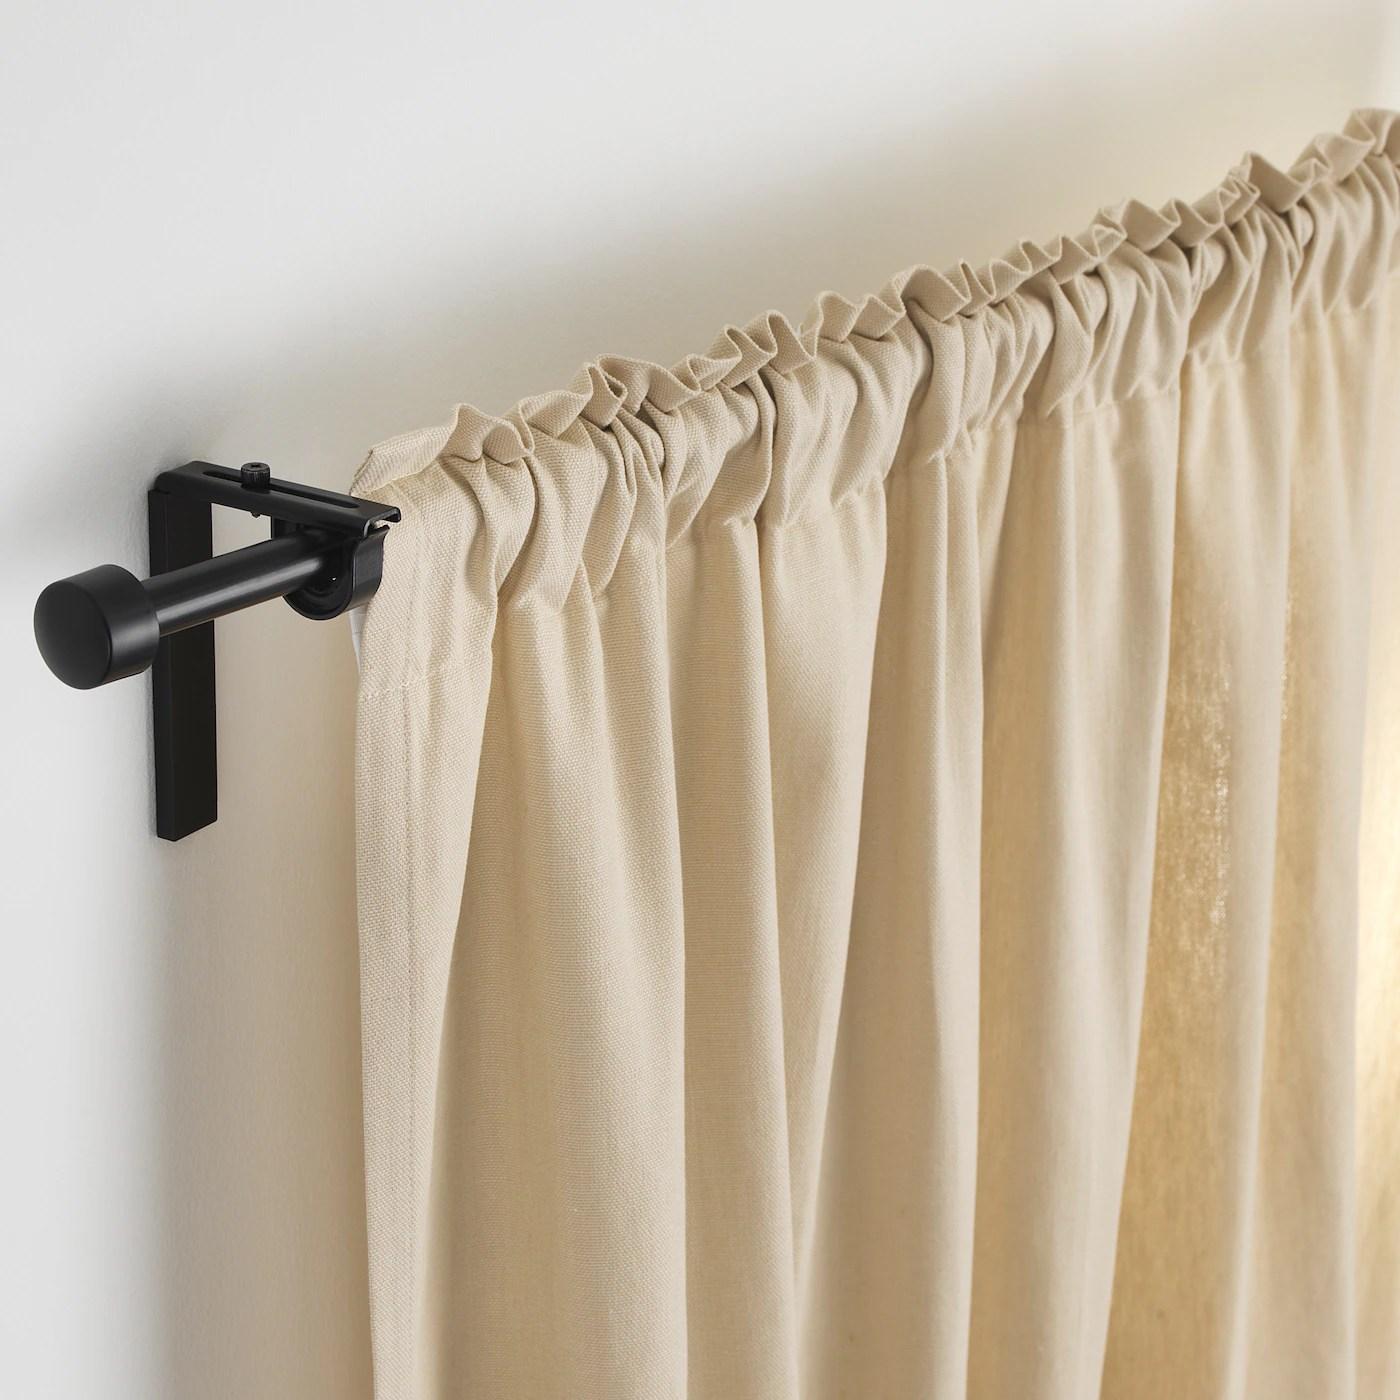 racka curtain rod black 28 47